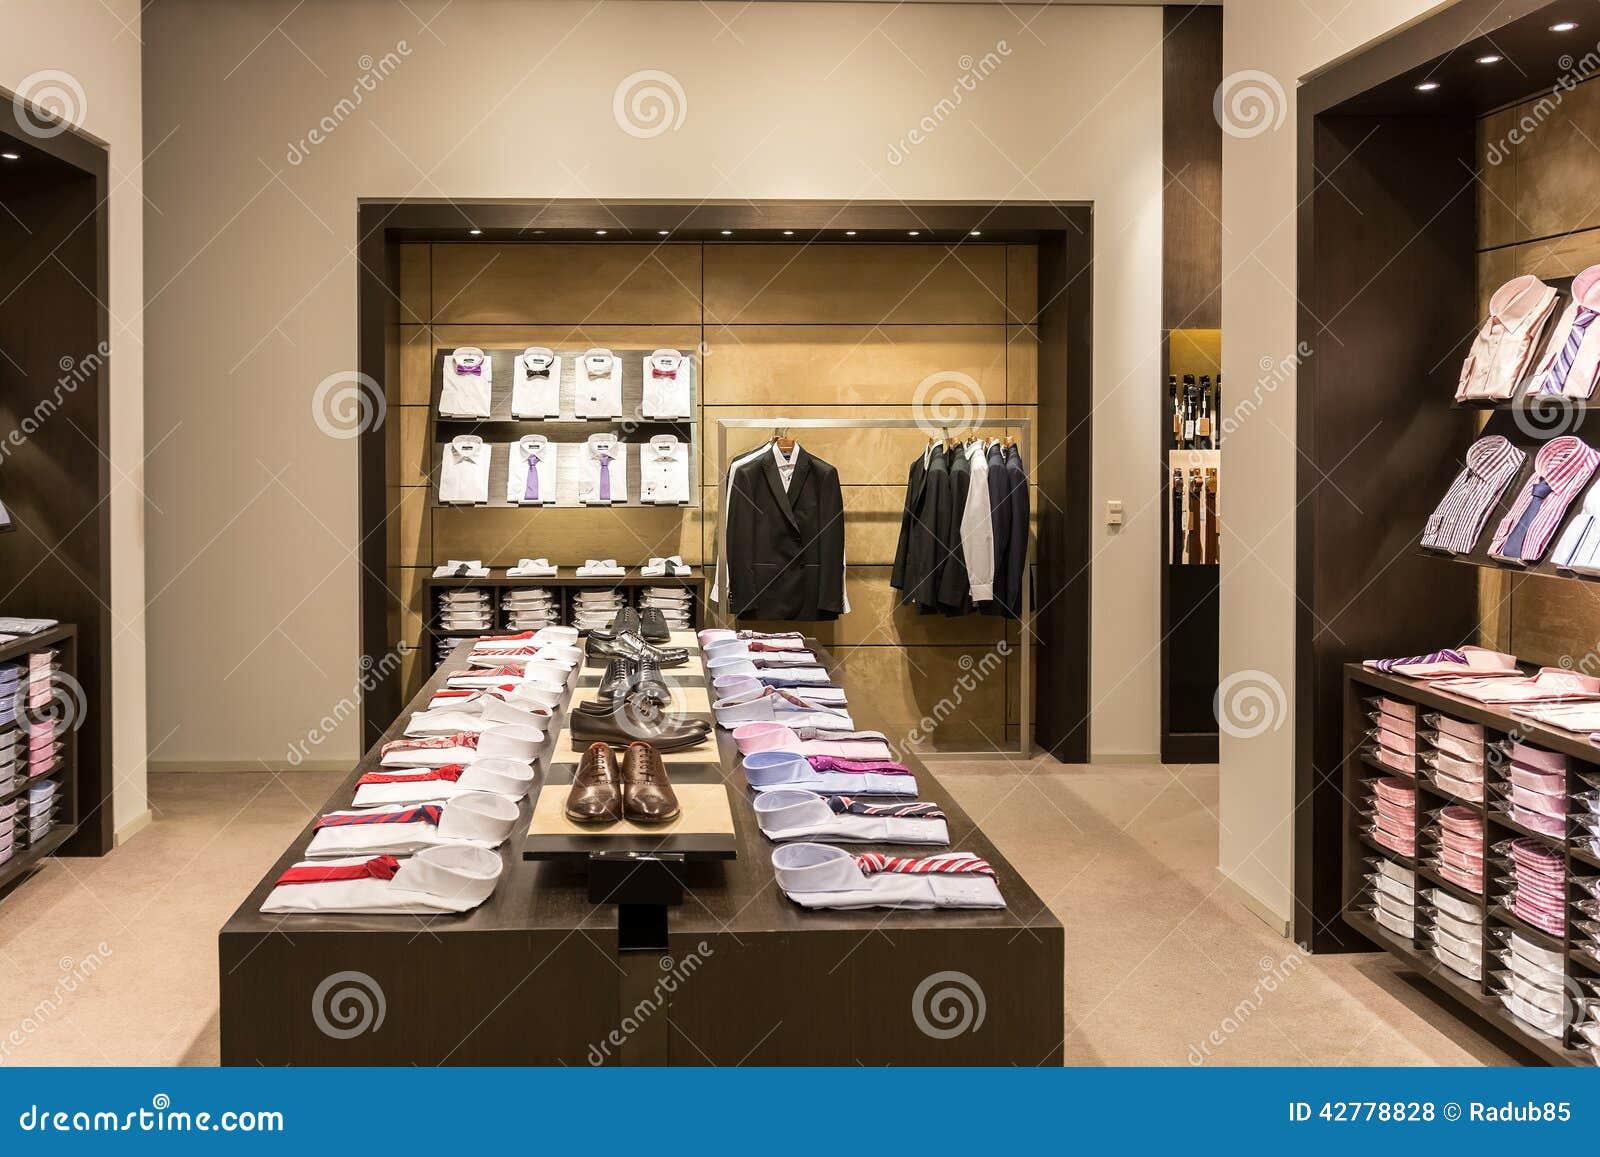 Cliente boutique 5 - 3 5